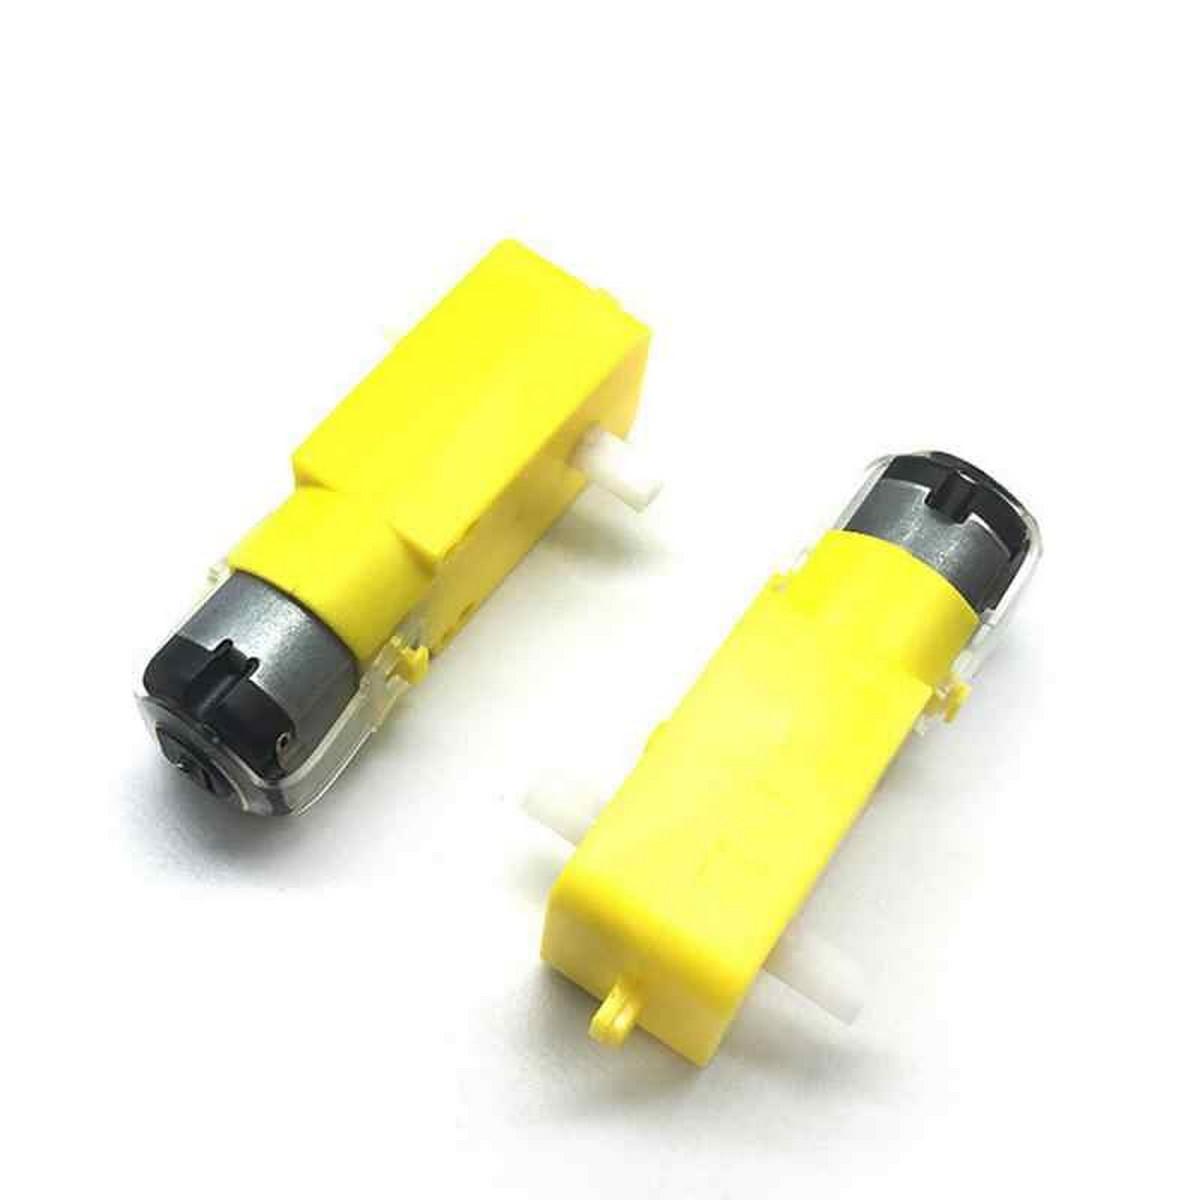 3-8V TT Yellow Gear Motor for Smart Robotic Car